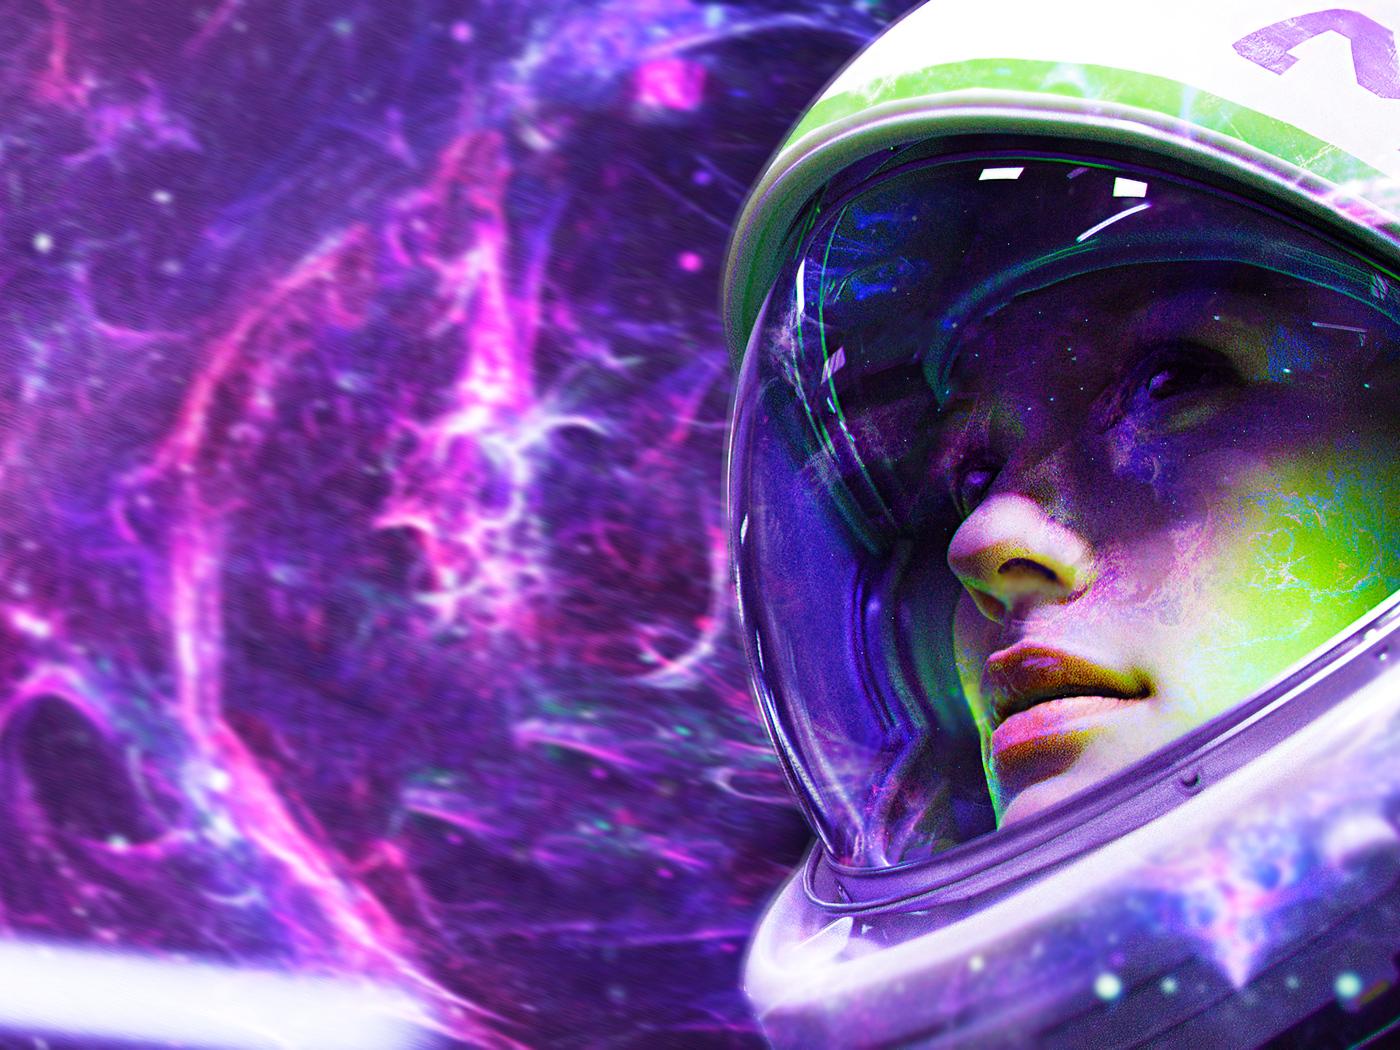 astronaut-girl-4k-19.jpg